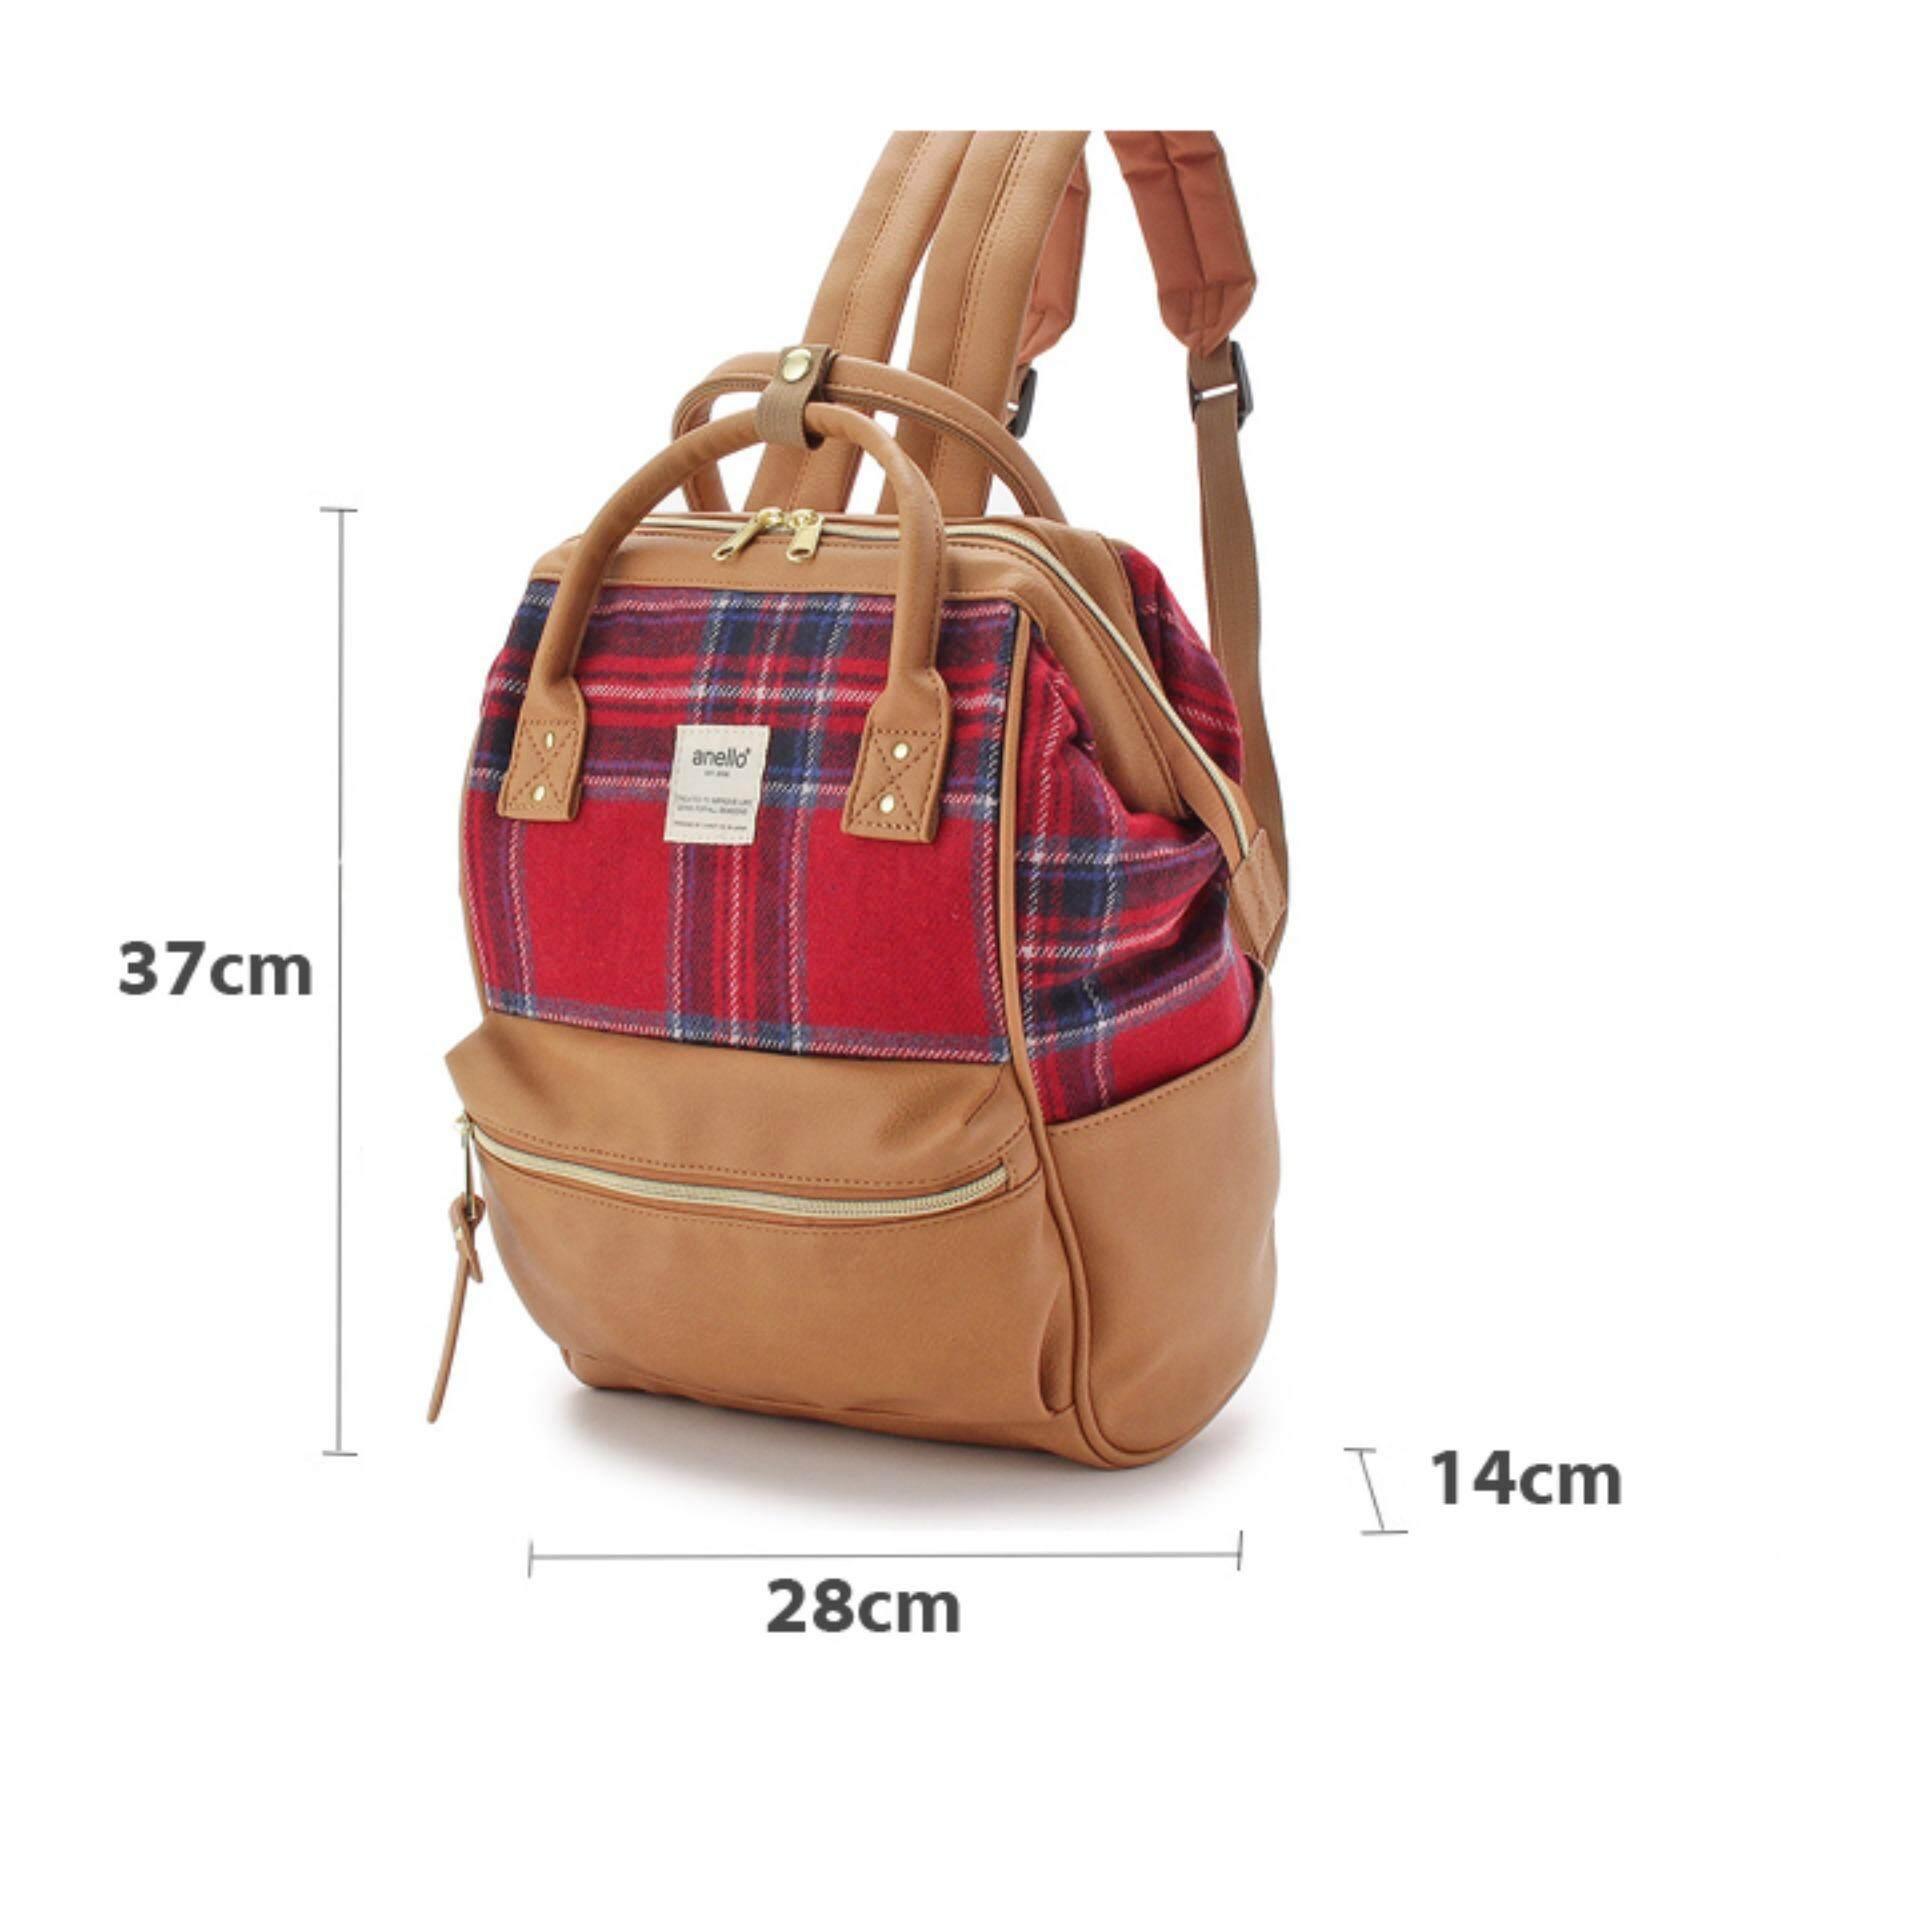 การใช้งาน  นราธิวาส กระเป๋าเป้สะพายหลัง Anello Mini Emporium PU+Scotch Japan Imported 100%